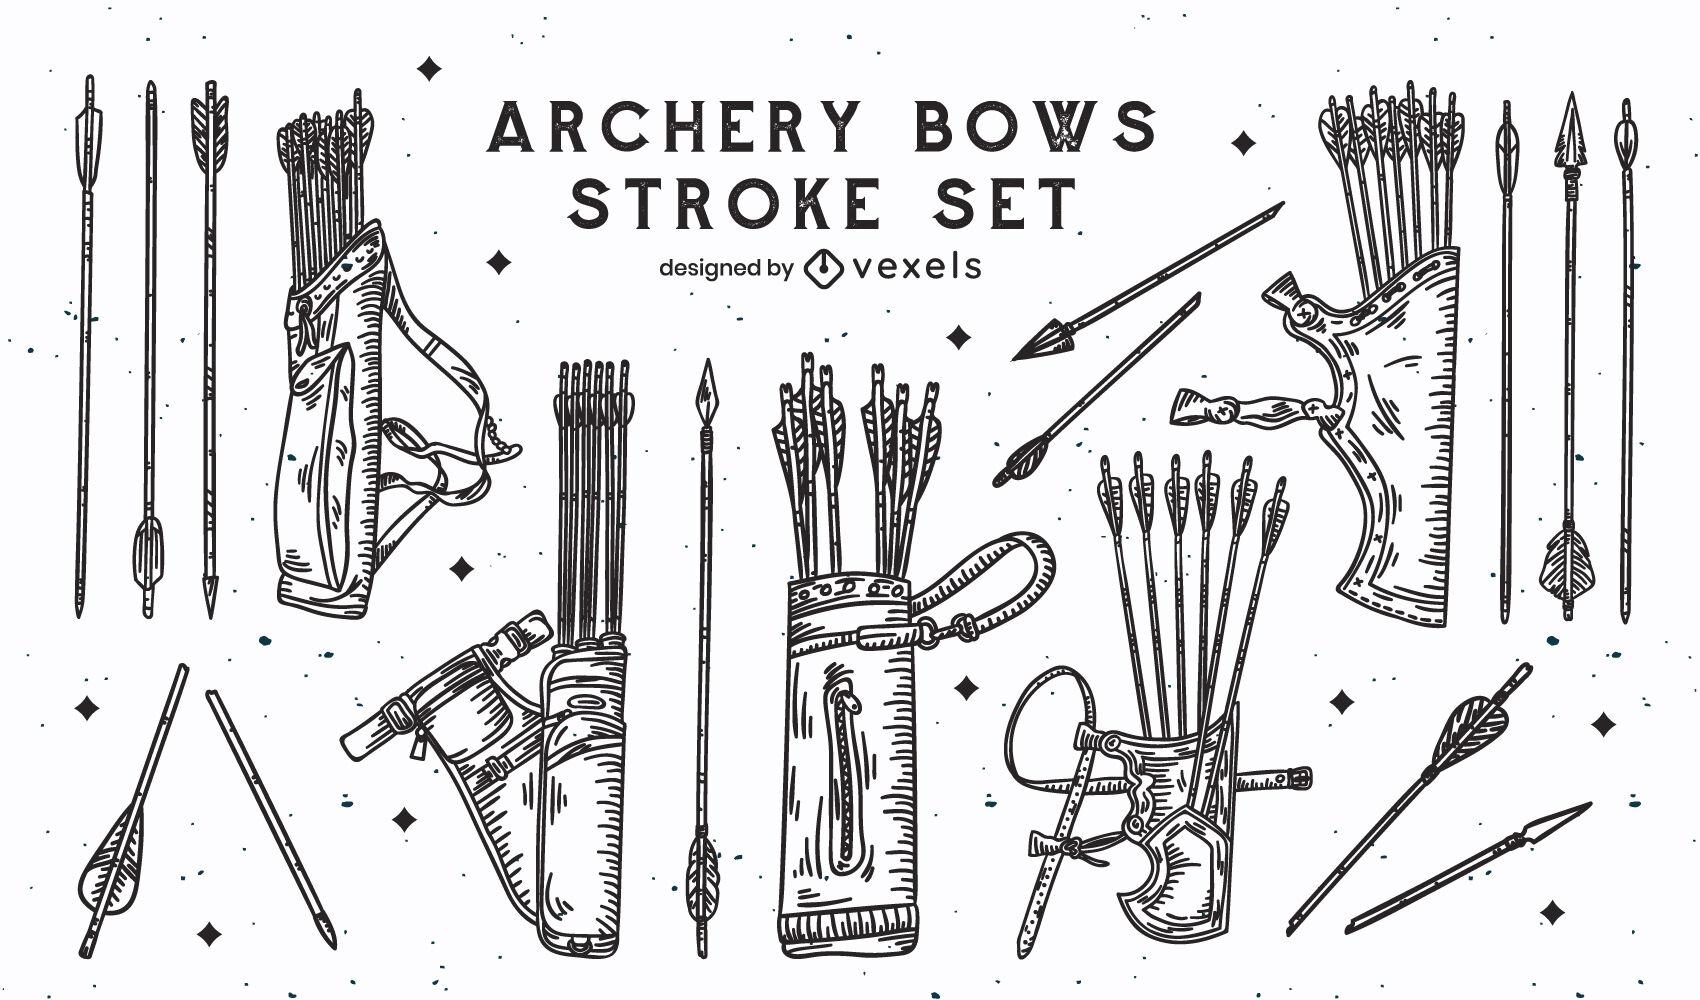 Conjunto de trazos de tiro con arco de arco y flechas.